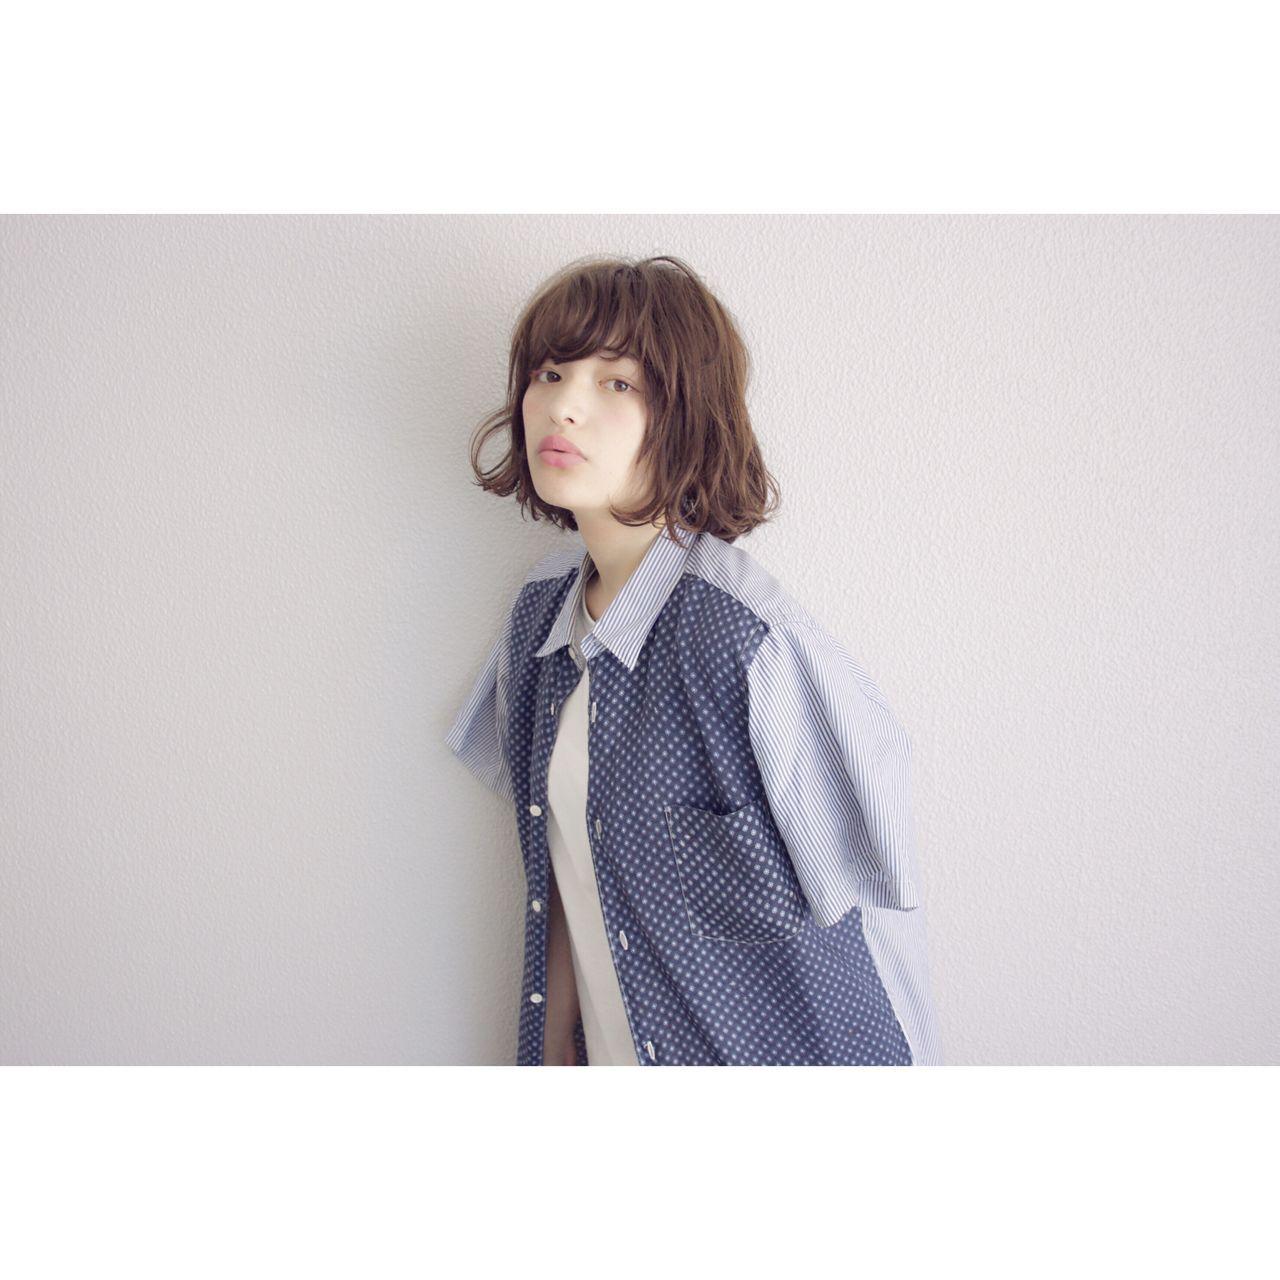 パンク ボブ ウェットヘア ストリートヘアスタイルや髪型の写真・画像